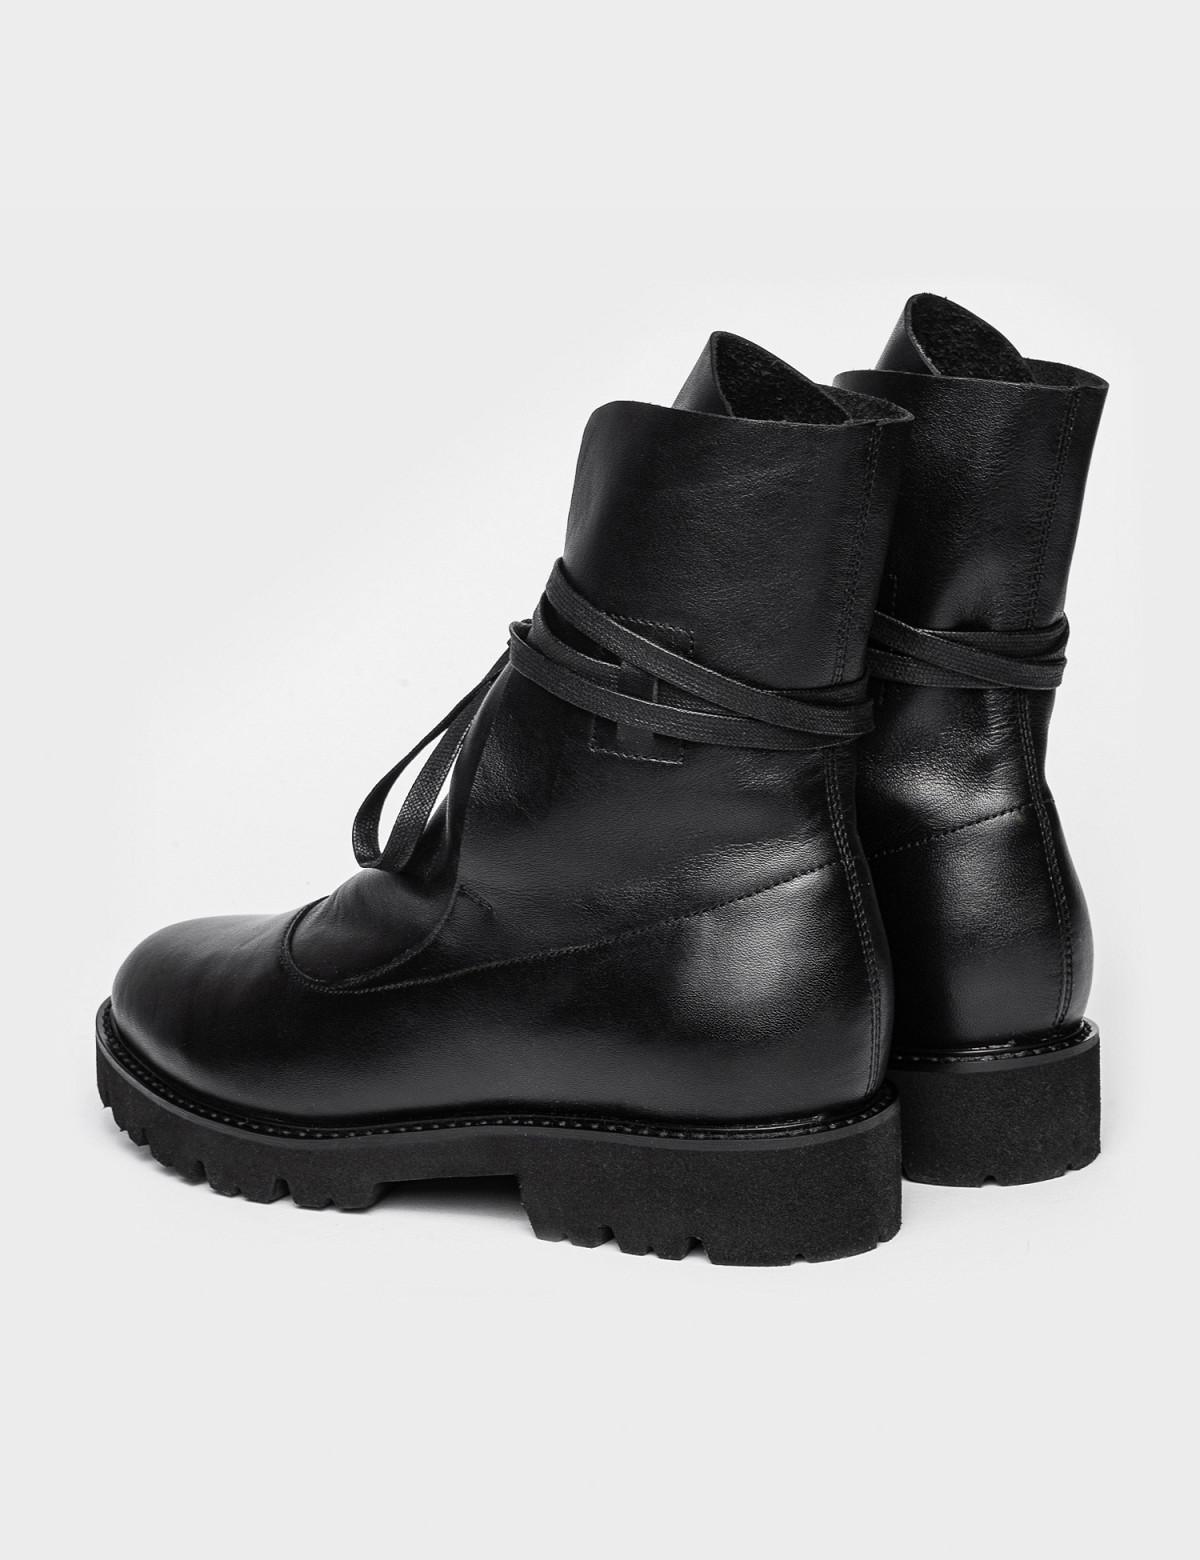 Ботинки черные. Натуральная кожа. 2